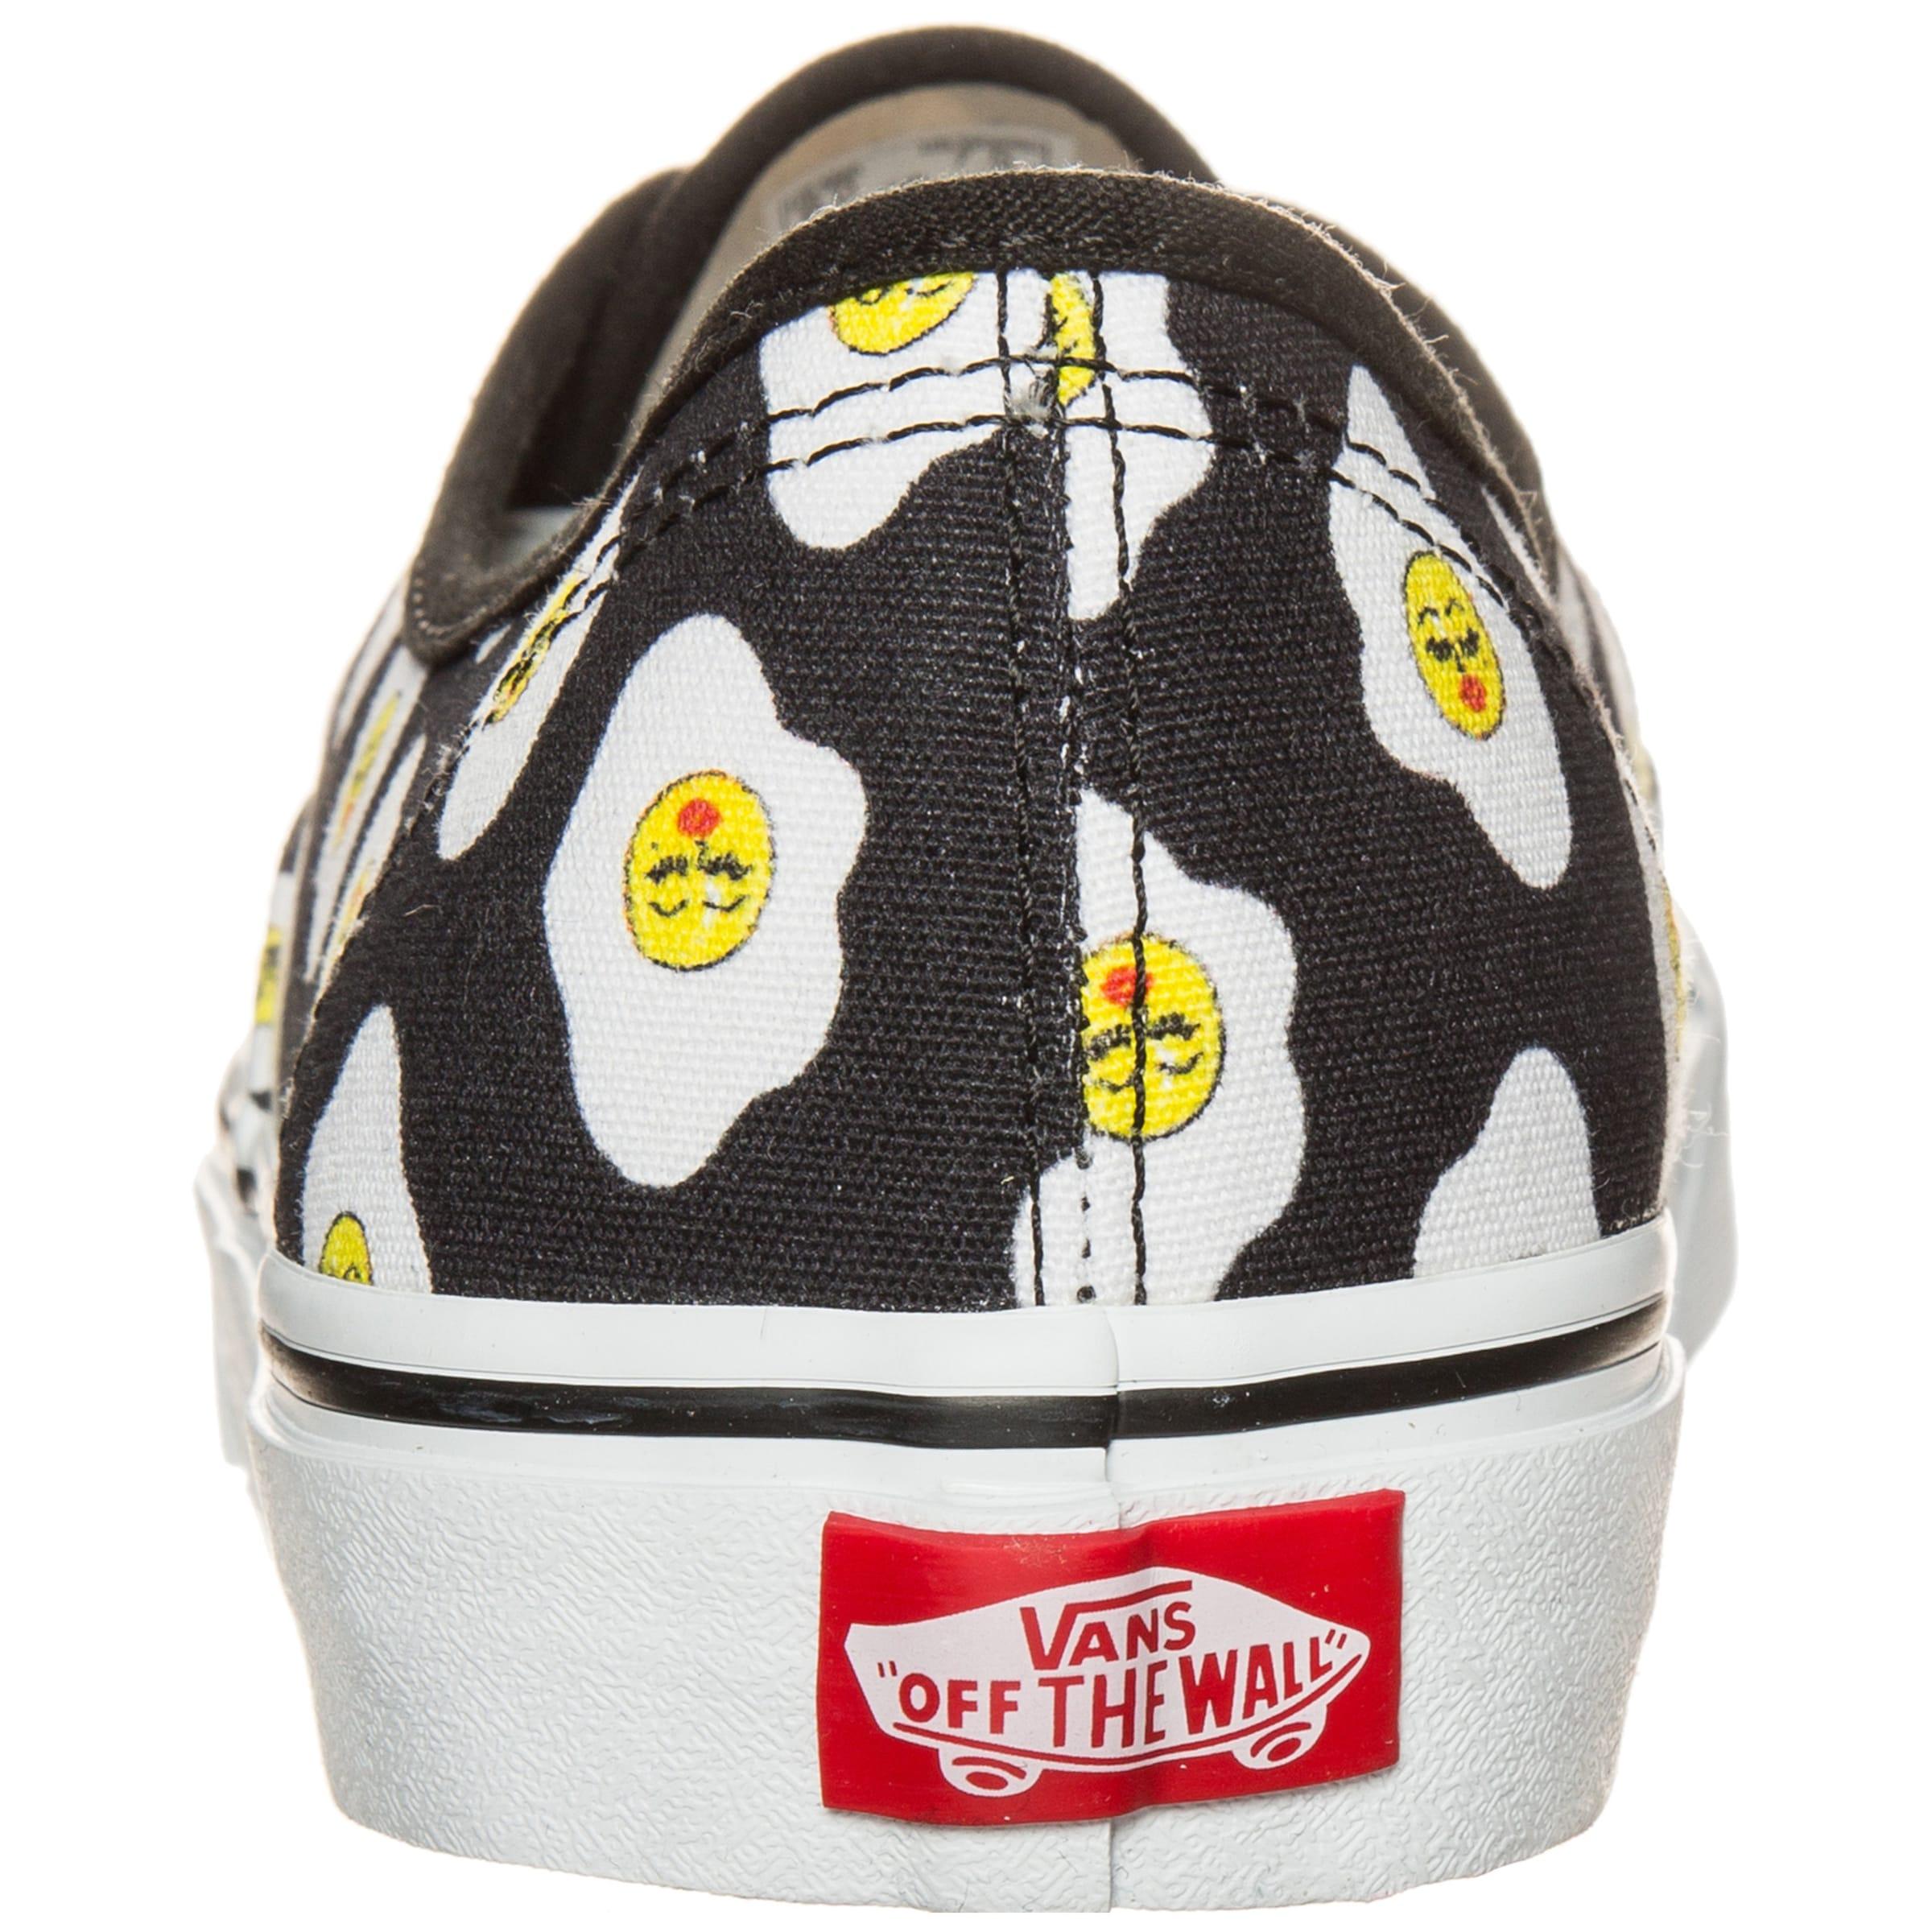 VANS 'Authentic Kendra Dandy' Sneaker Damen Neueste Online Günstig Online Spielraum Echt Verkauf whnvVGYO61